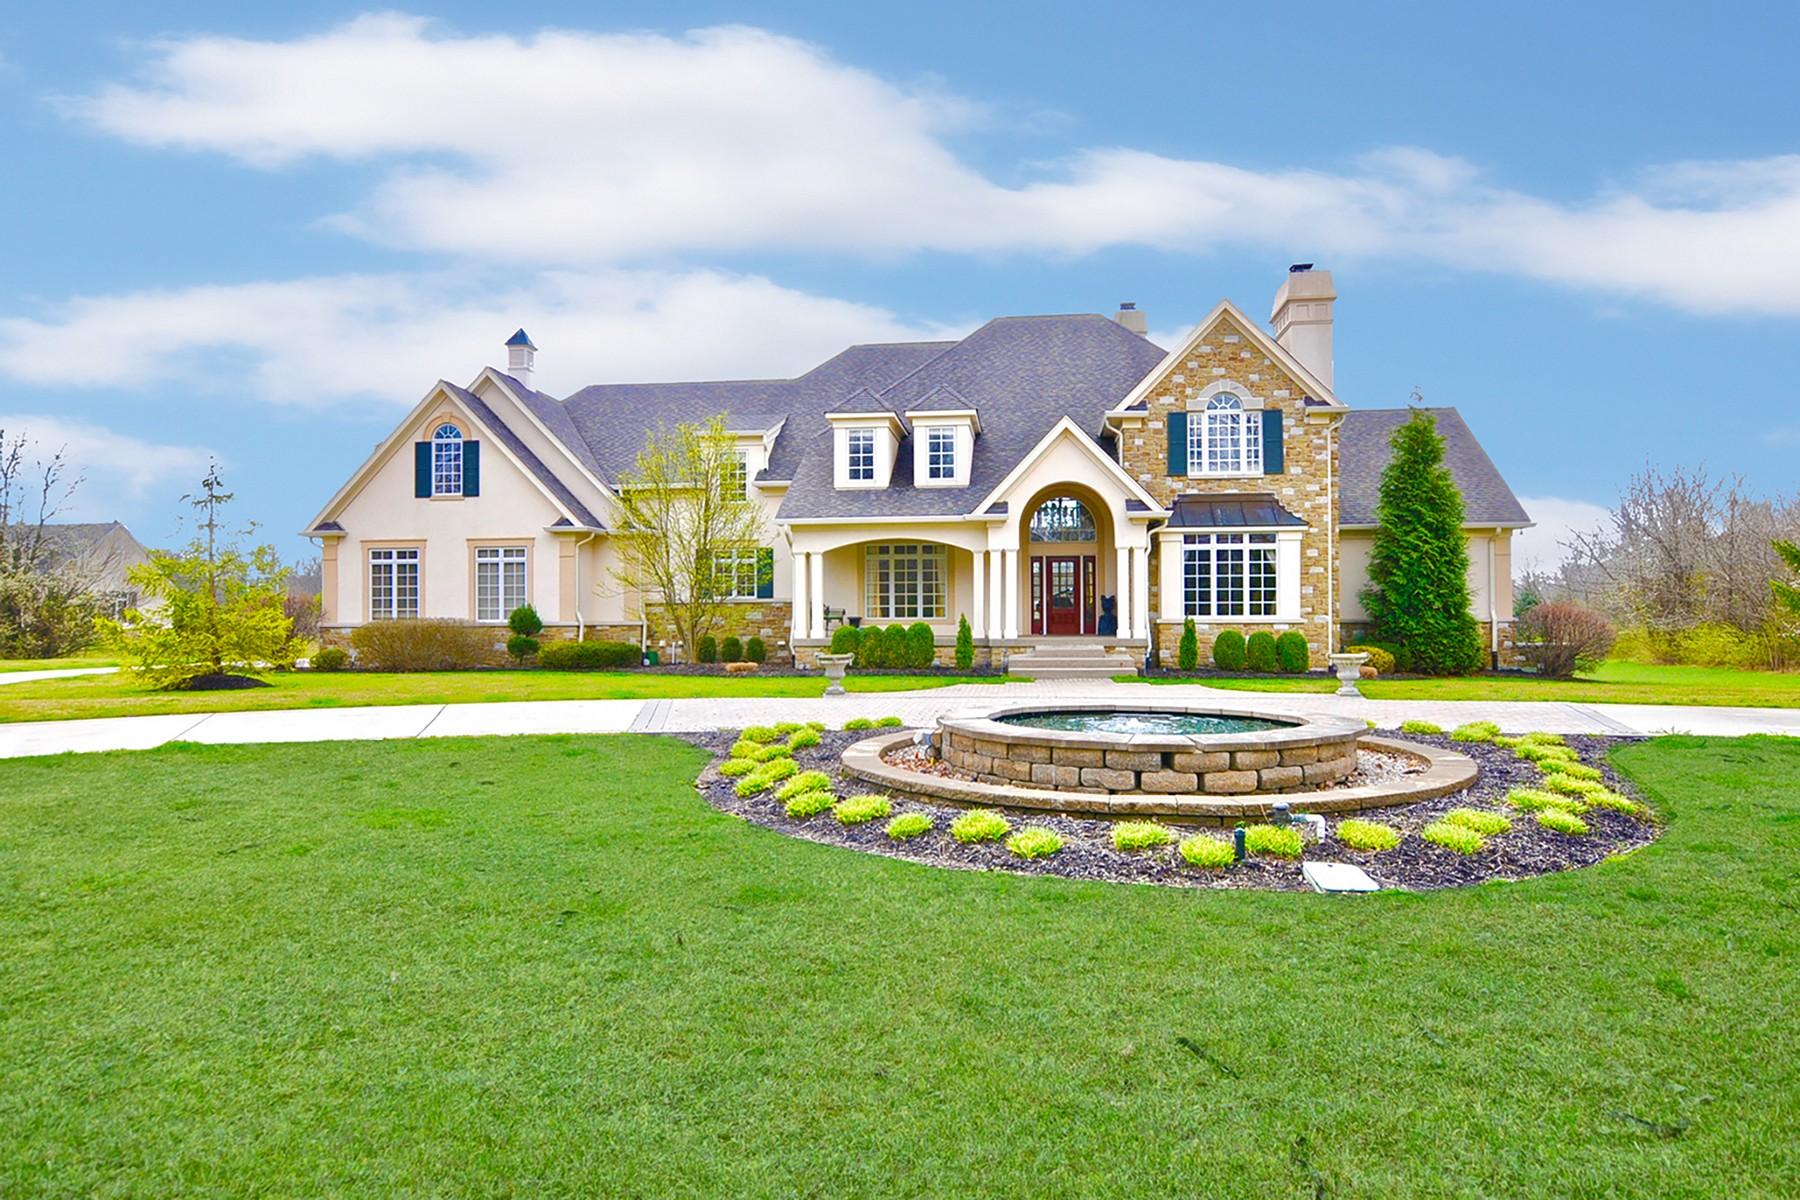 Casa para uma família para Venda às Classic, Elegant Home 11543 Willow Springs Drive Zionsville, Indiana, 46077 Estados Unidos